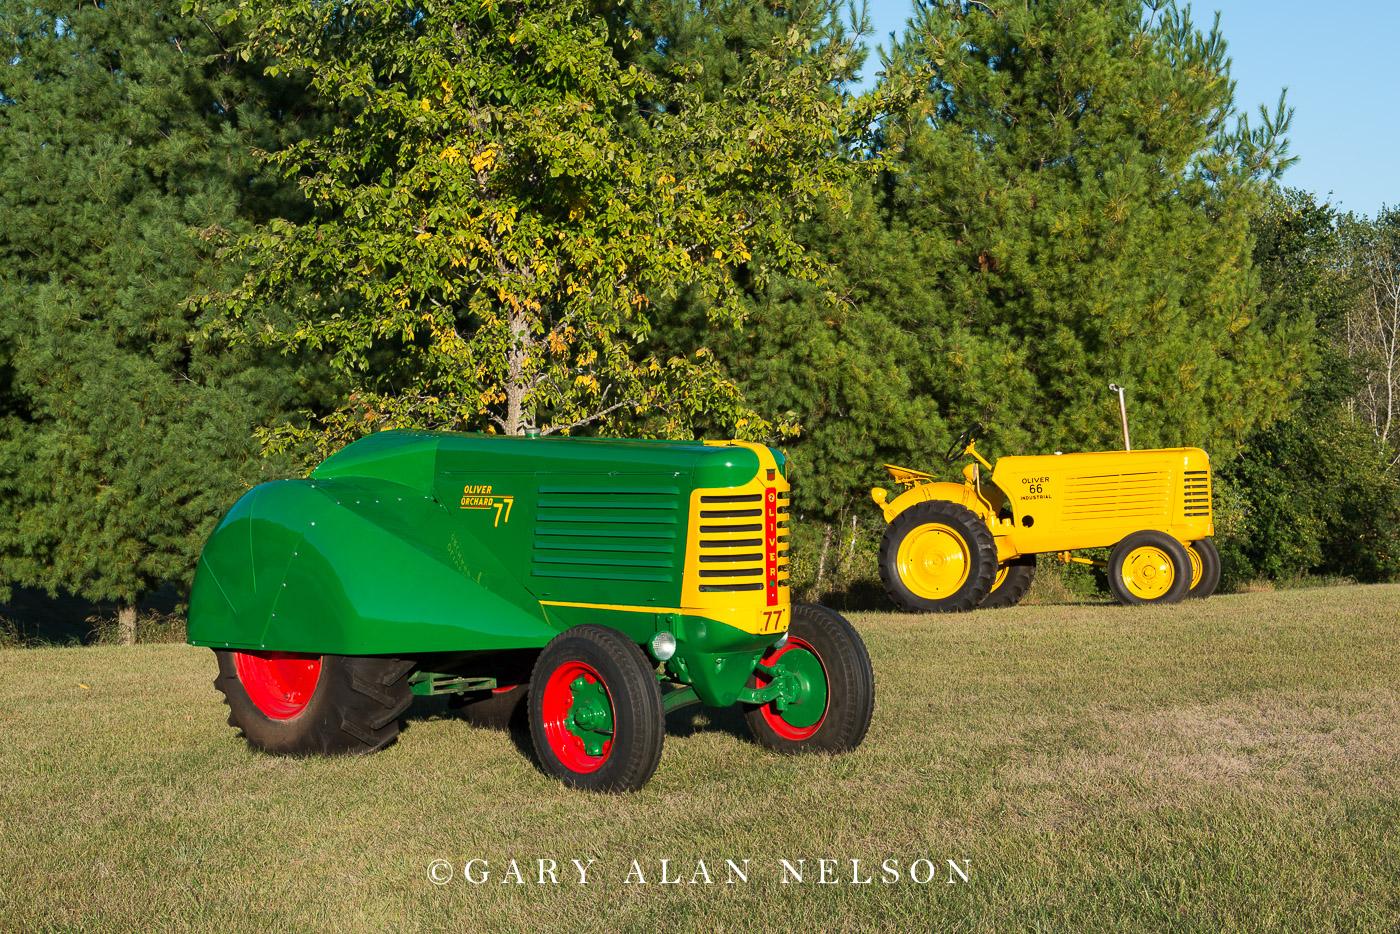 1950 Oliver 77 Orchard and 1954 Oliver 66 Standard